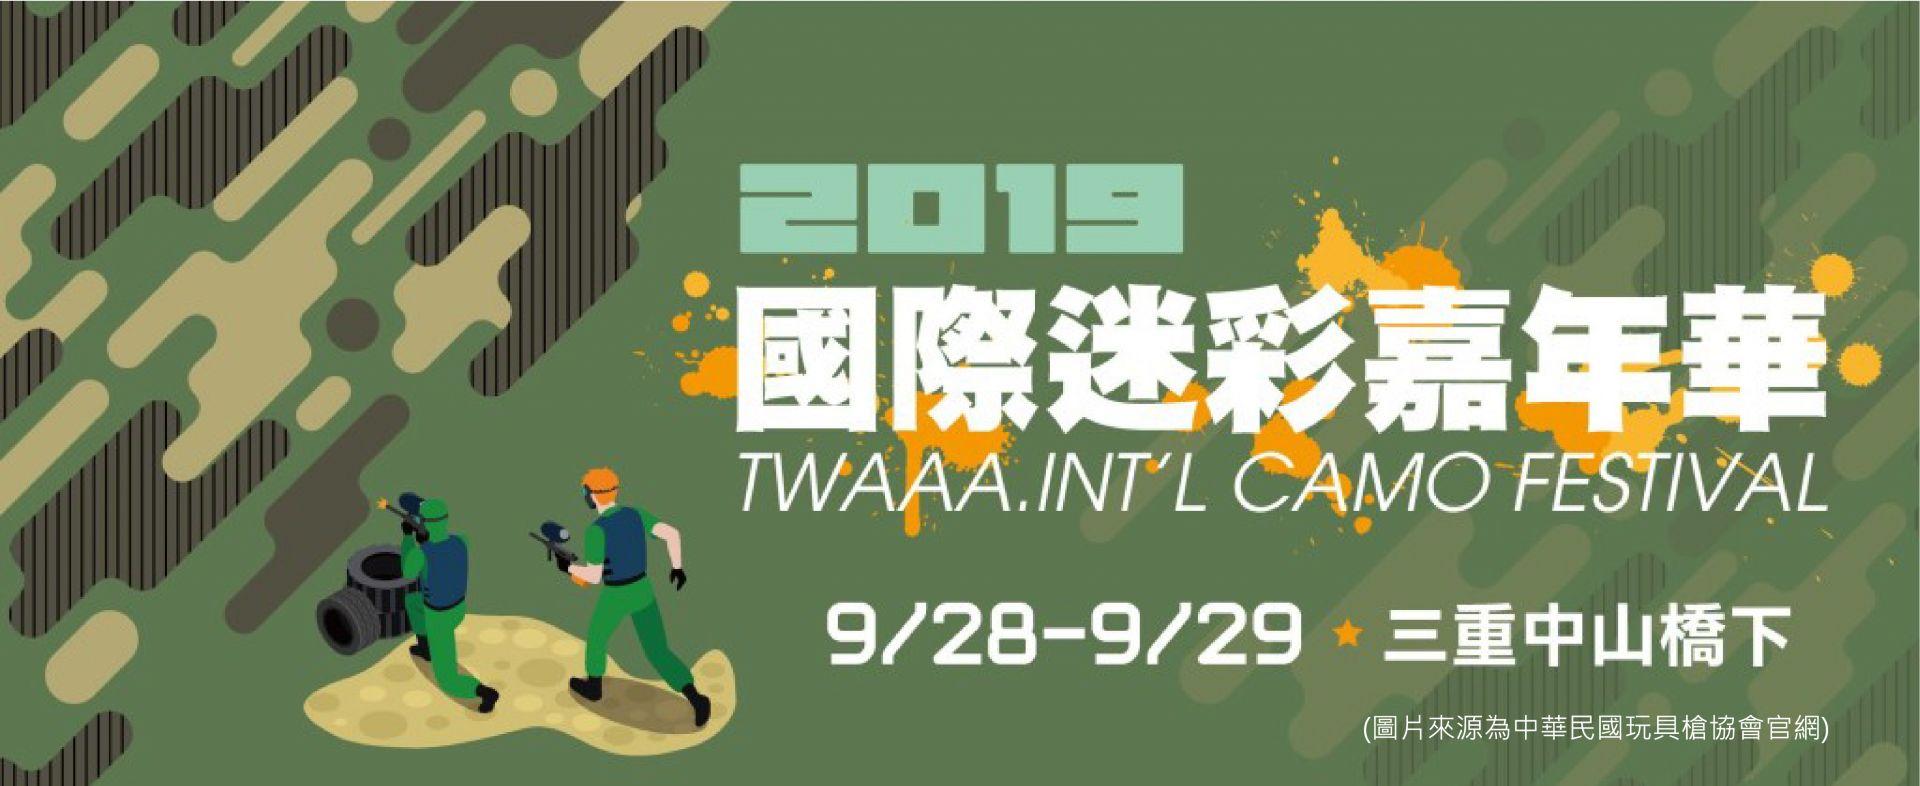 2019台北国際カモフラージュカーニバル - 2019台北インターナショナルカモフラージュカーニバル@新北